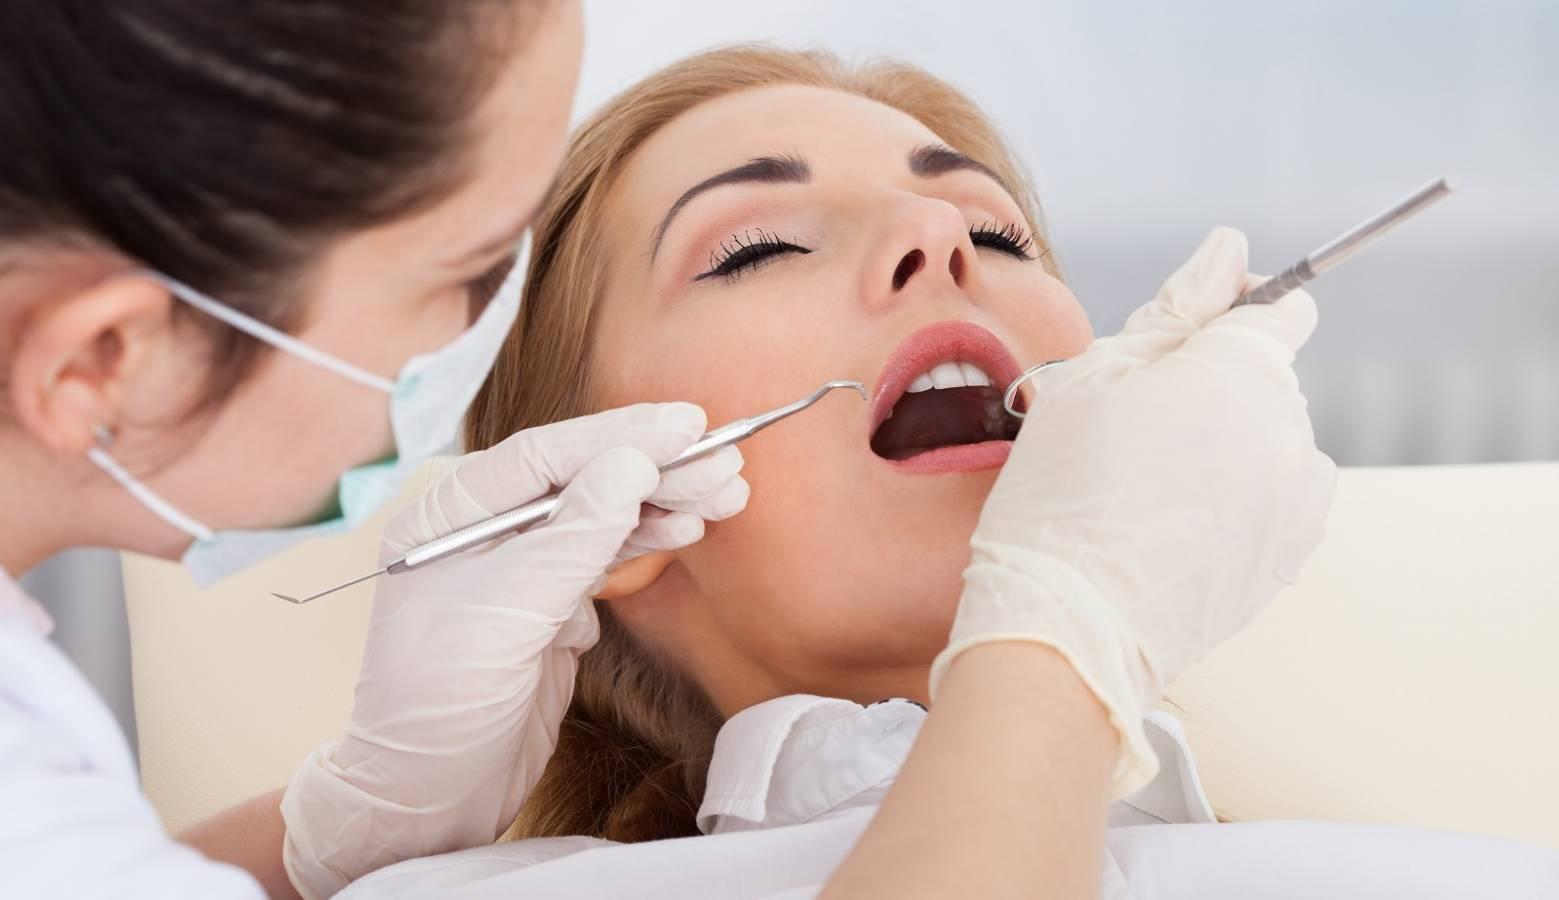 Сколько болит челюсть после удаления зуба, какие обезболивающие таблетки принять при воспалении?